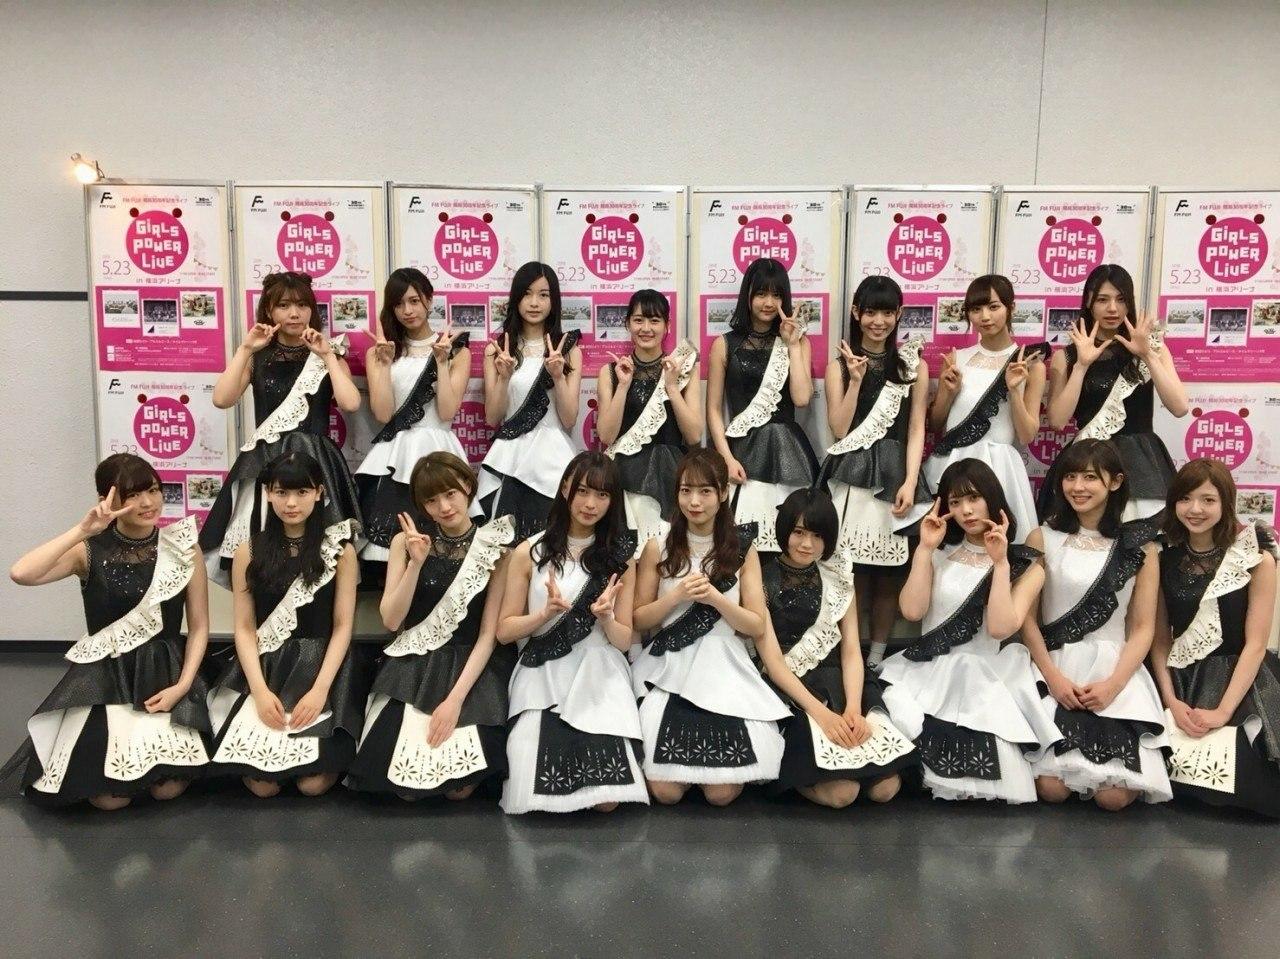 乃木坂46「GIRLS POWER LIVE」集合写真